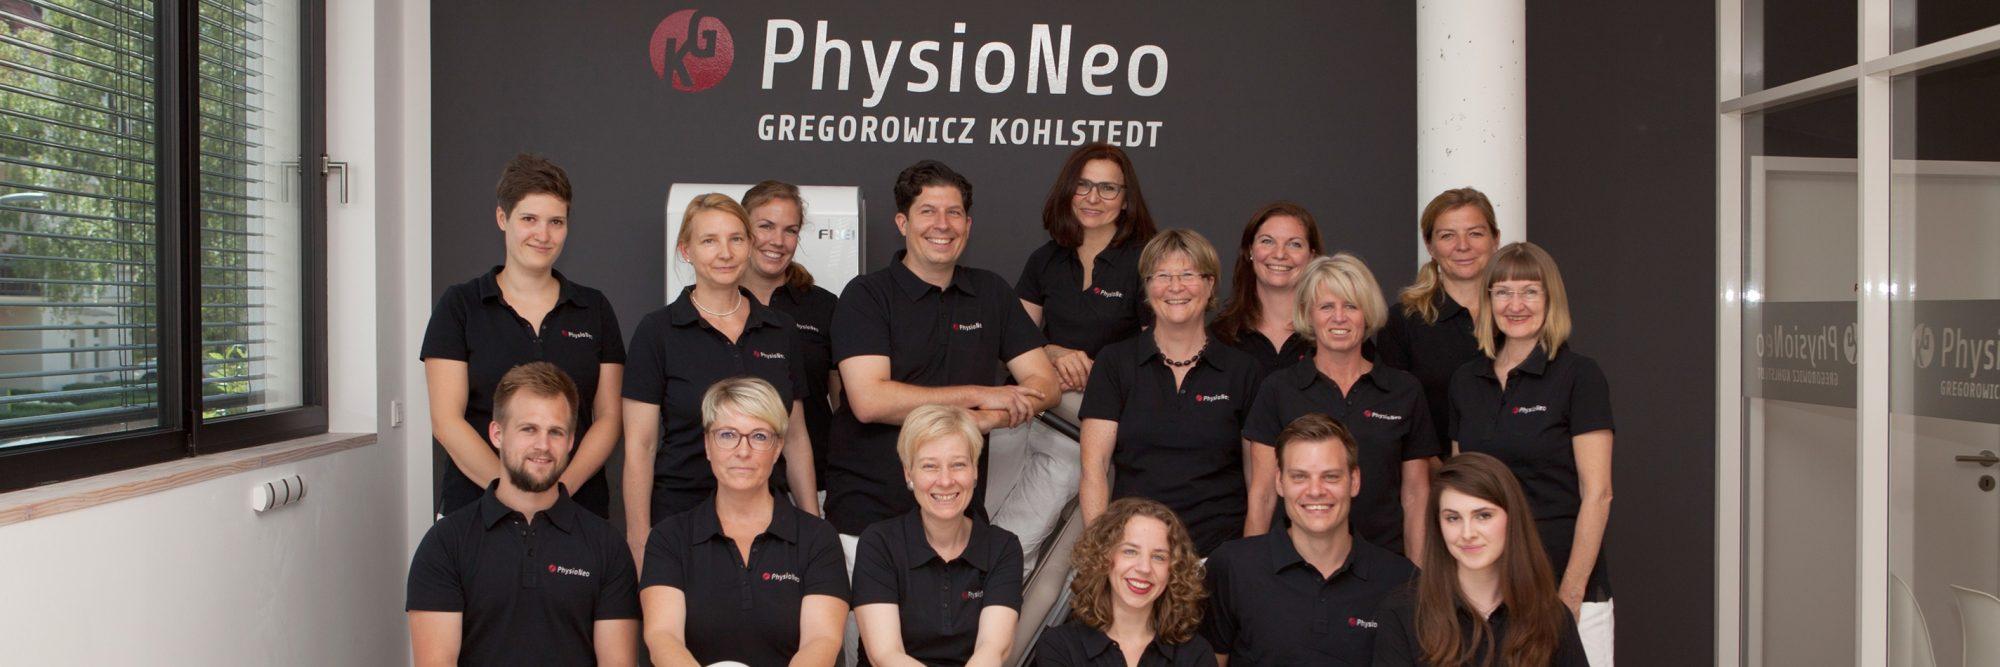 Physiotherapie Zehlendorf Schlachtensee